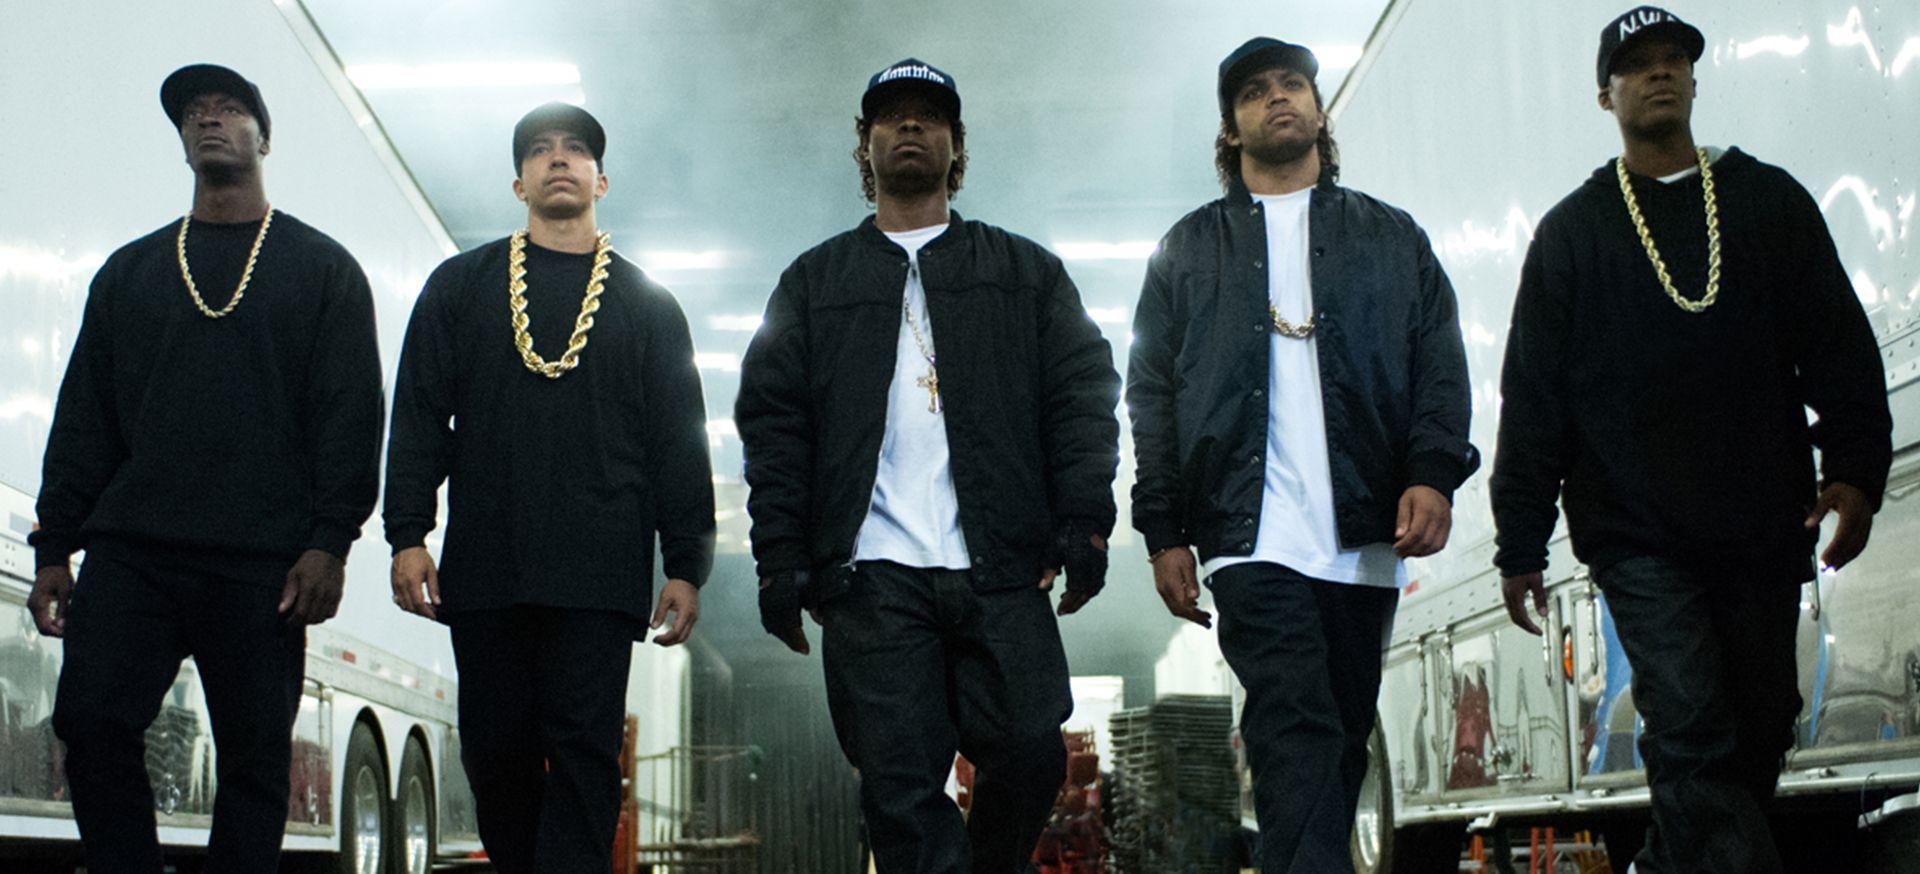 Rap Group N.W.A. Strut